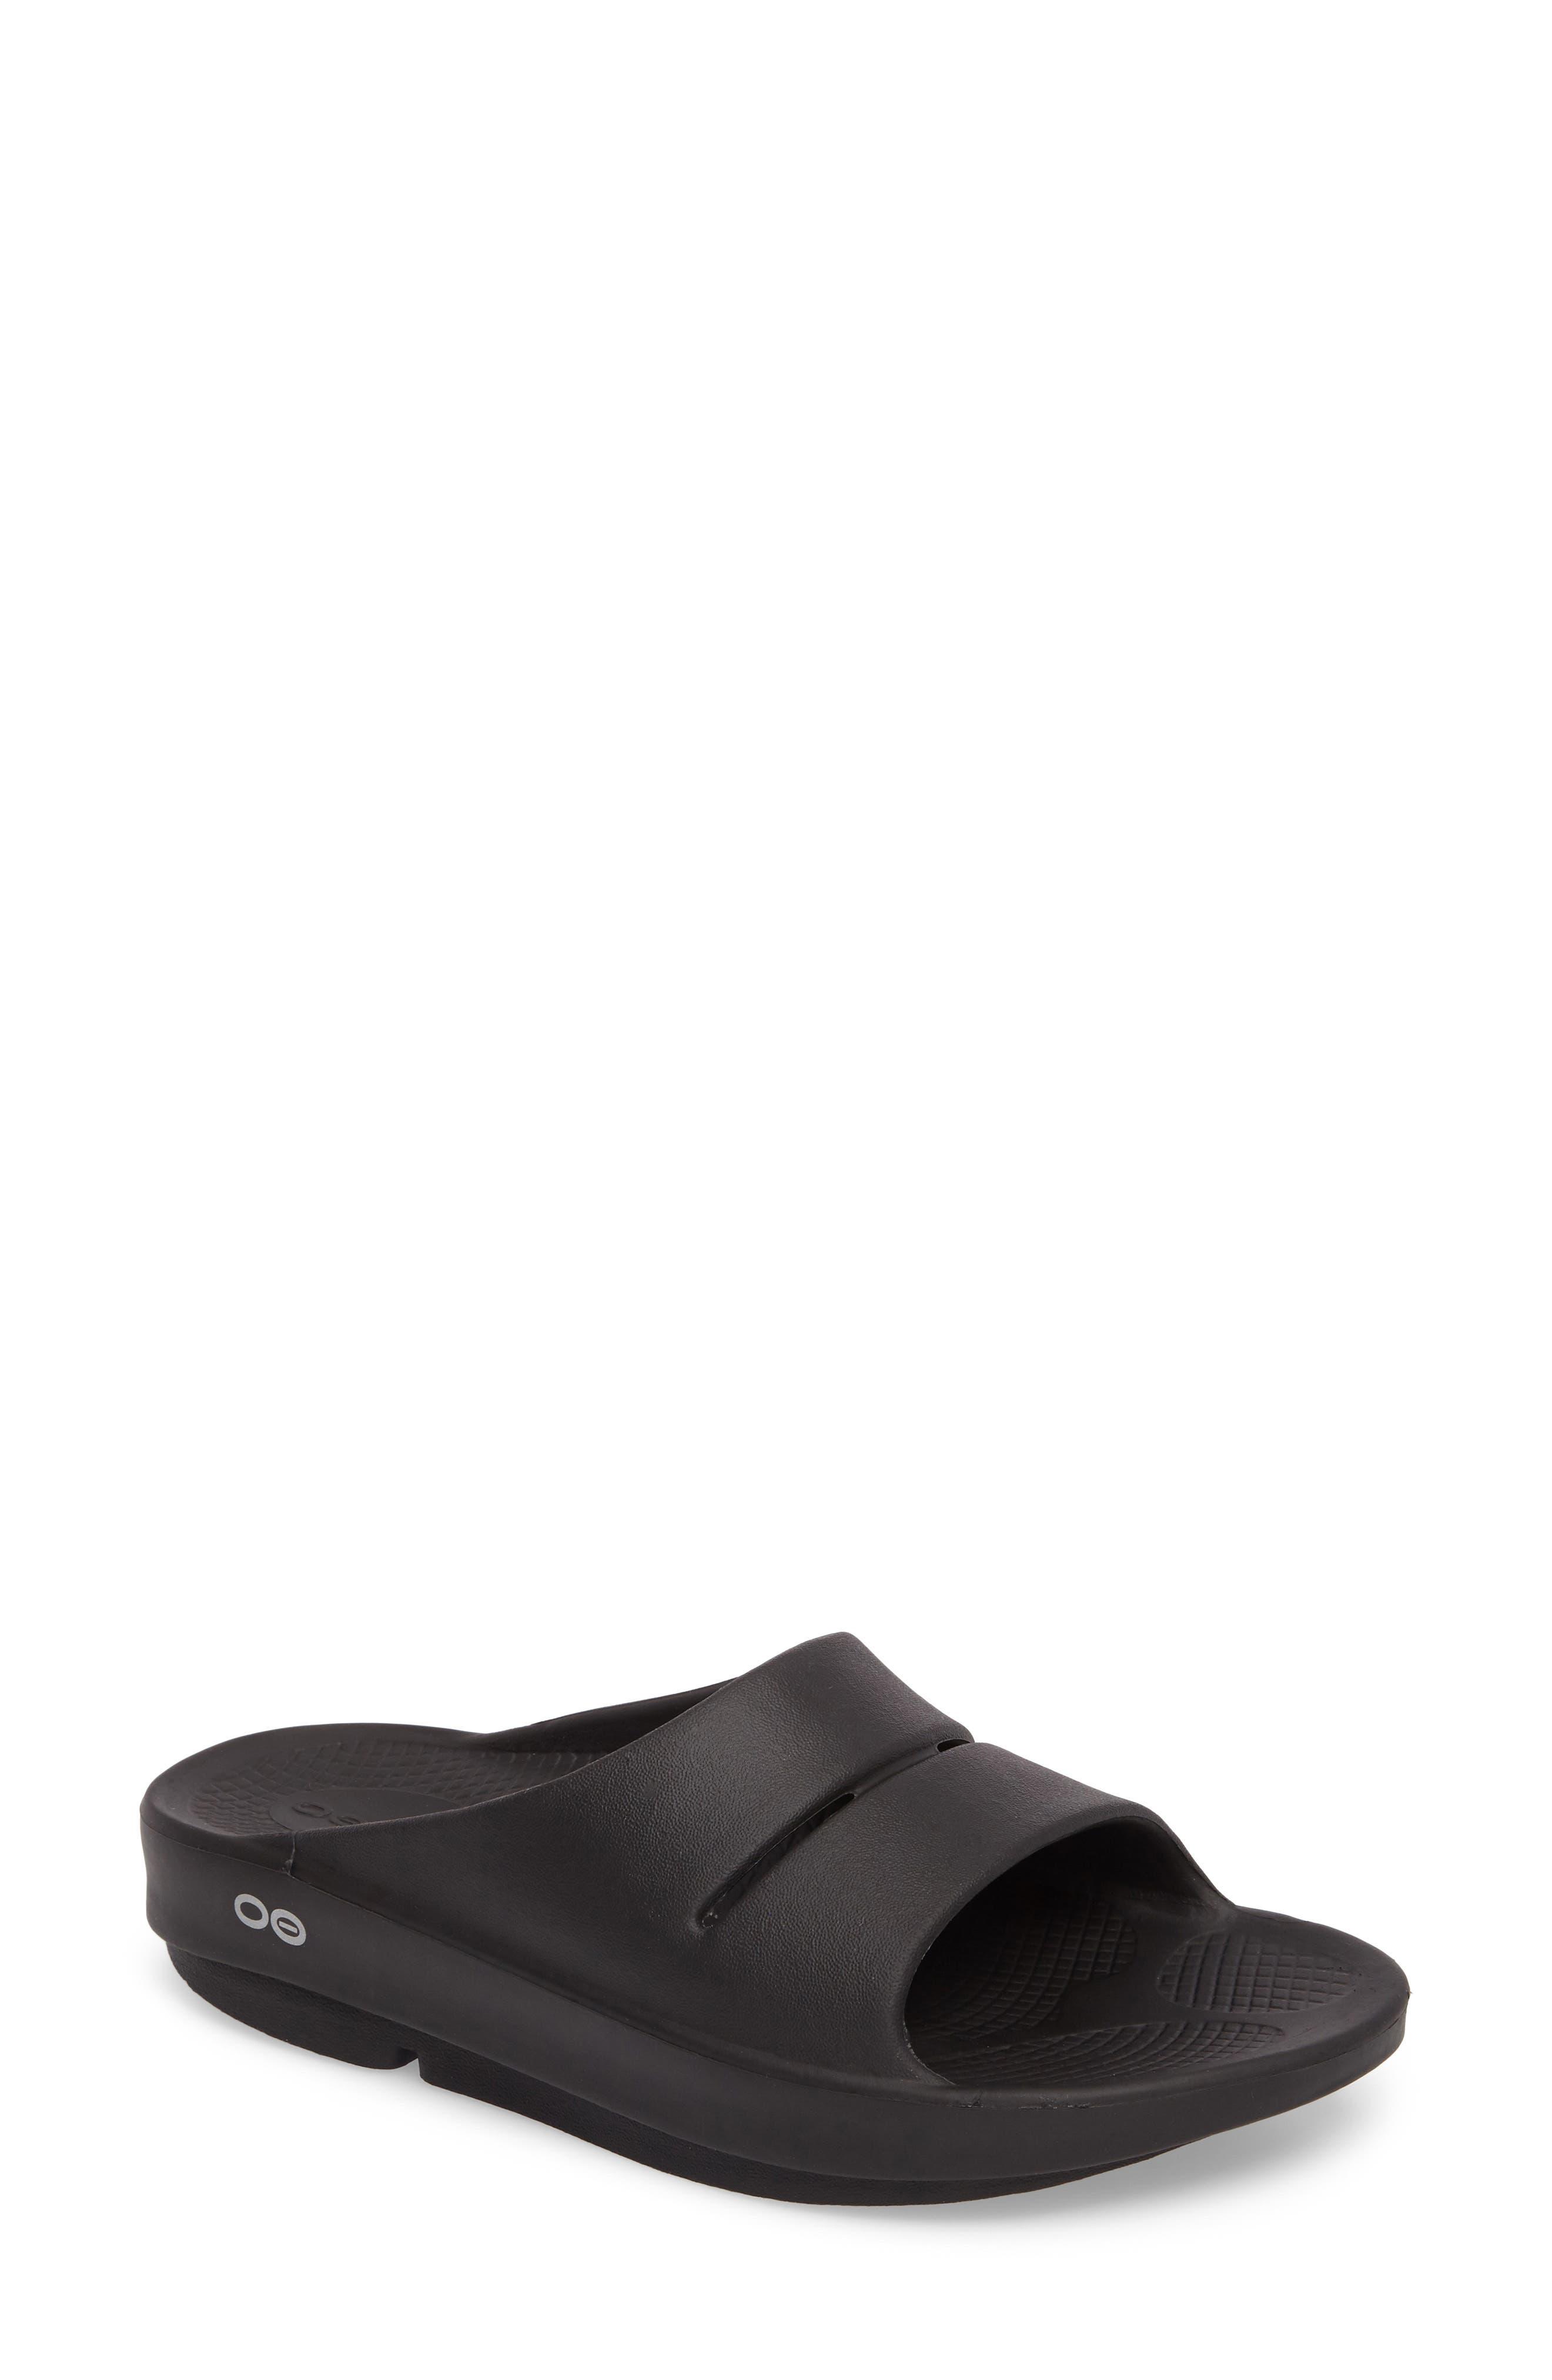 OOahh Slide Sandal,                         Main,                         color,